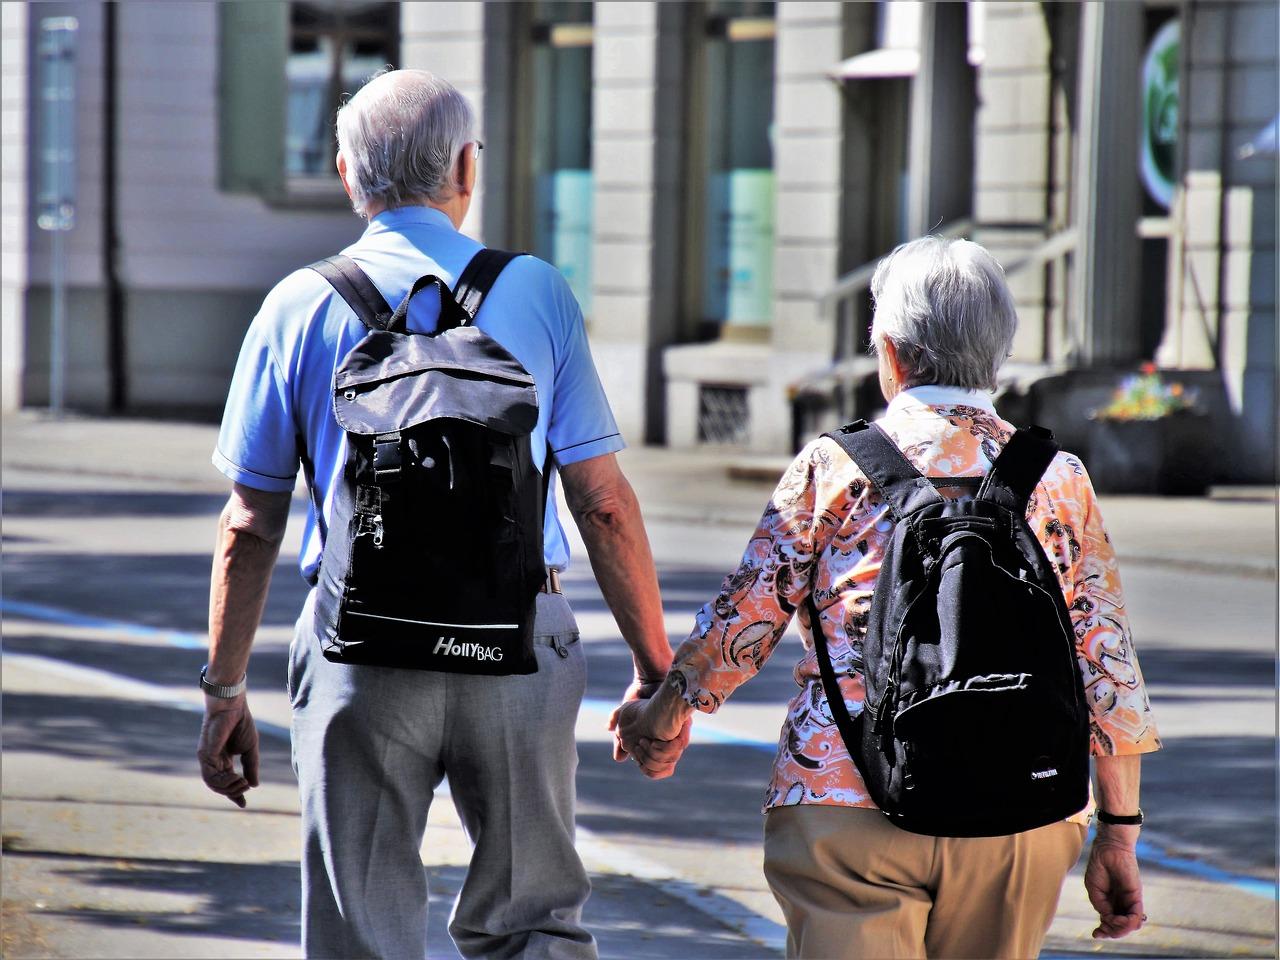 老後の夫婦の楽しみや趣味には「軽キャン」がおすすめな理由